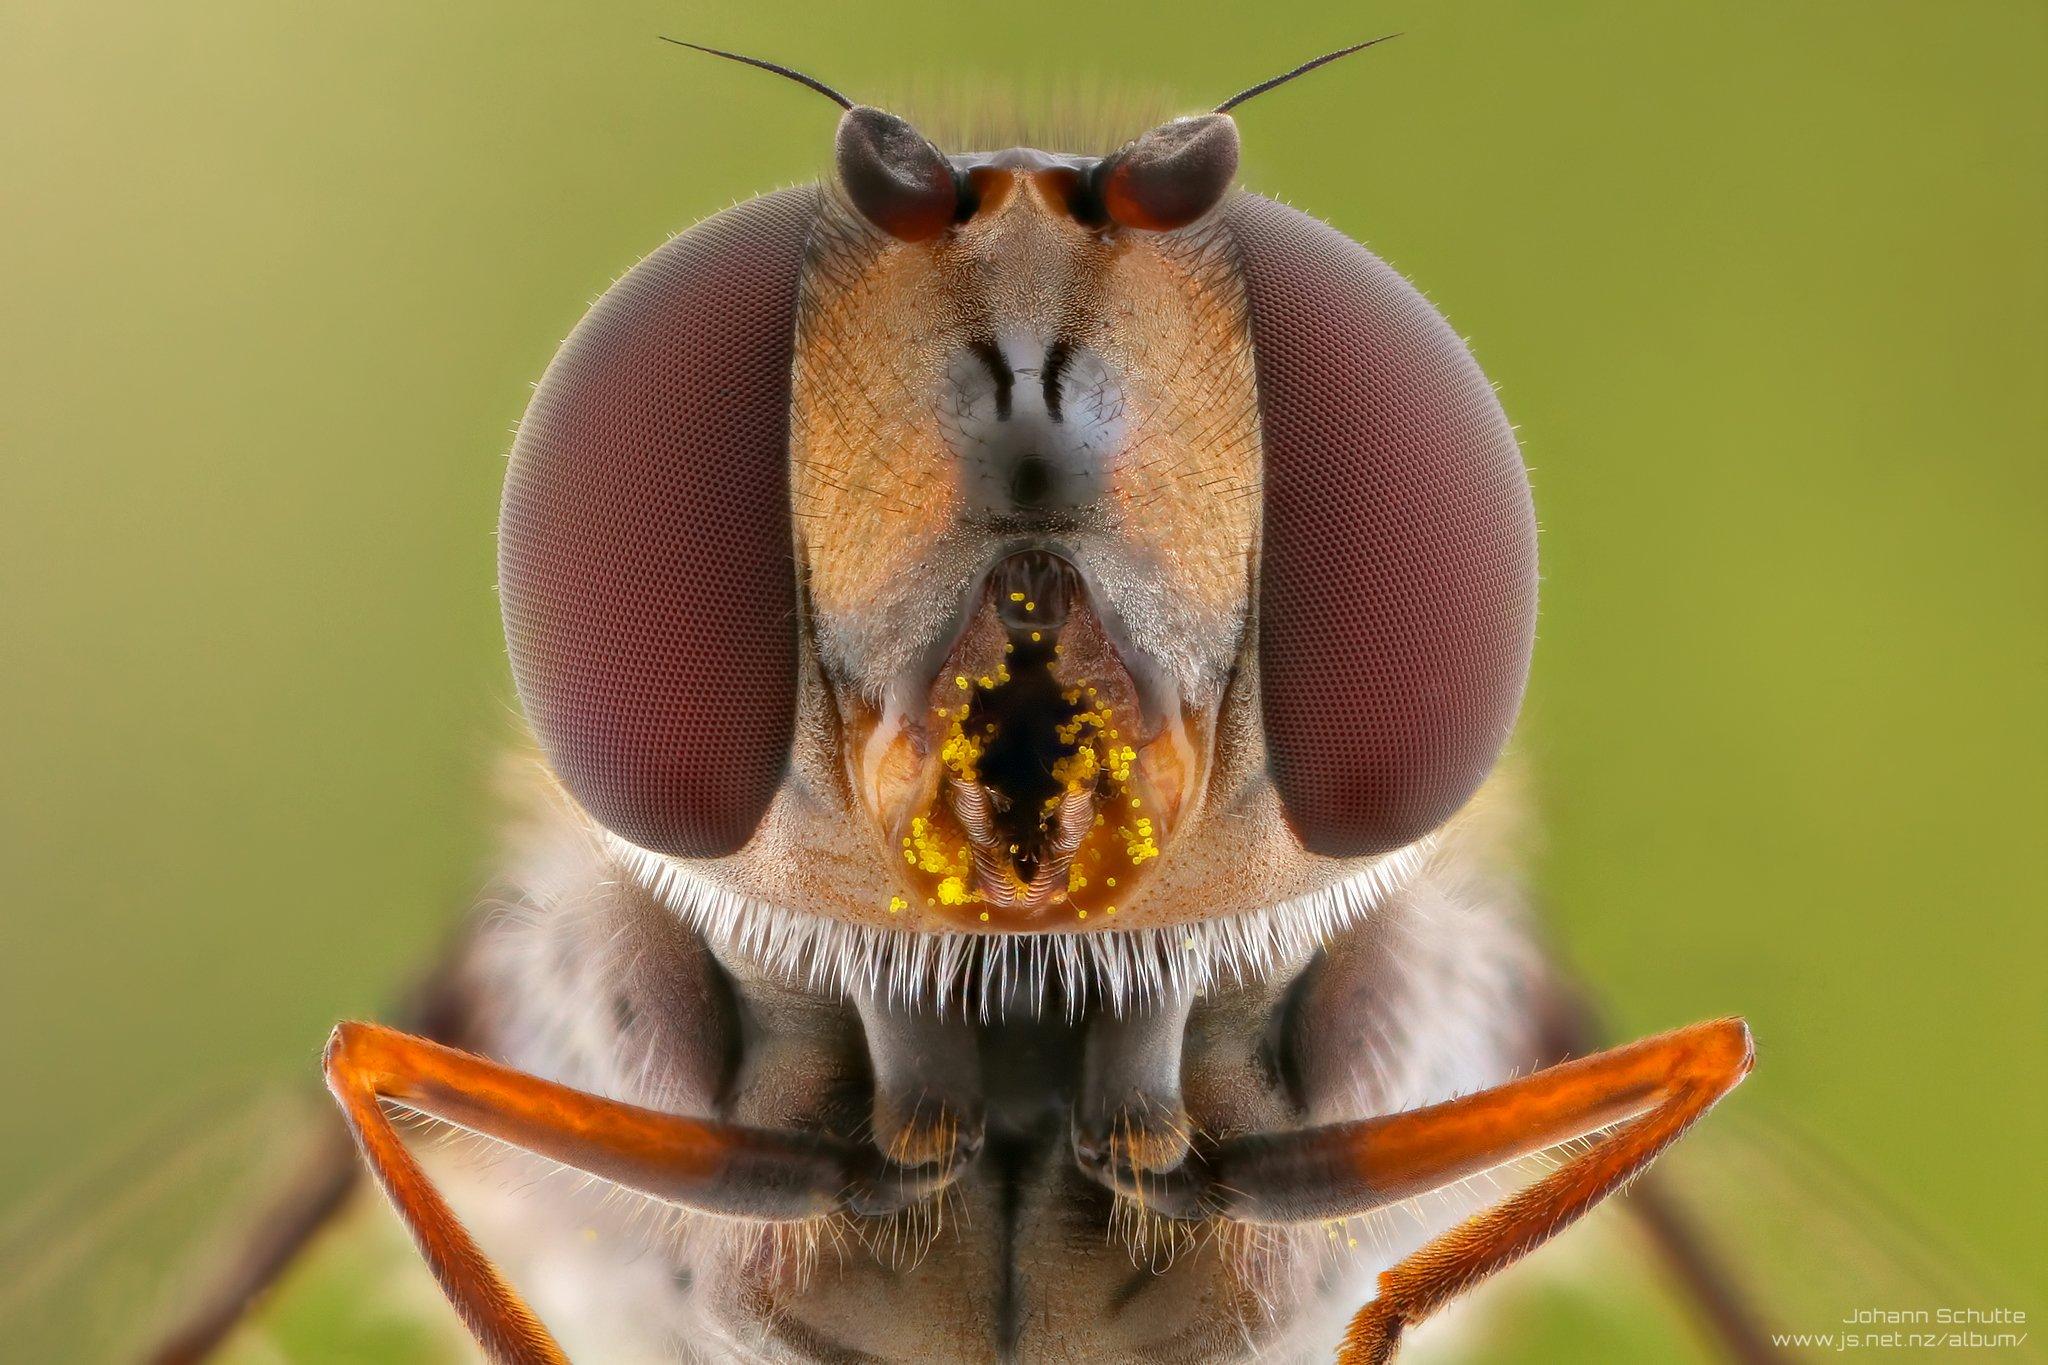 macro fly hoverfly johann schutte www.js.net.nz, Johann Schutte